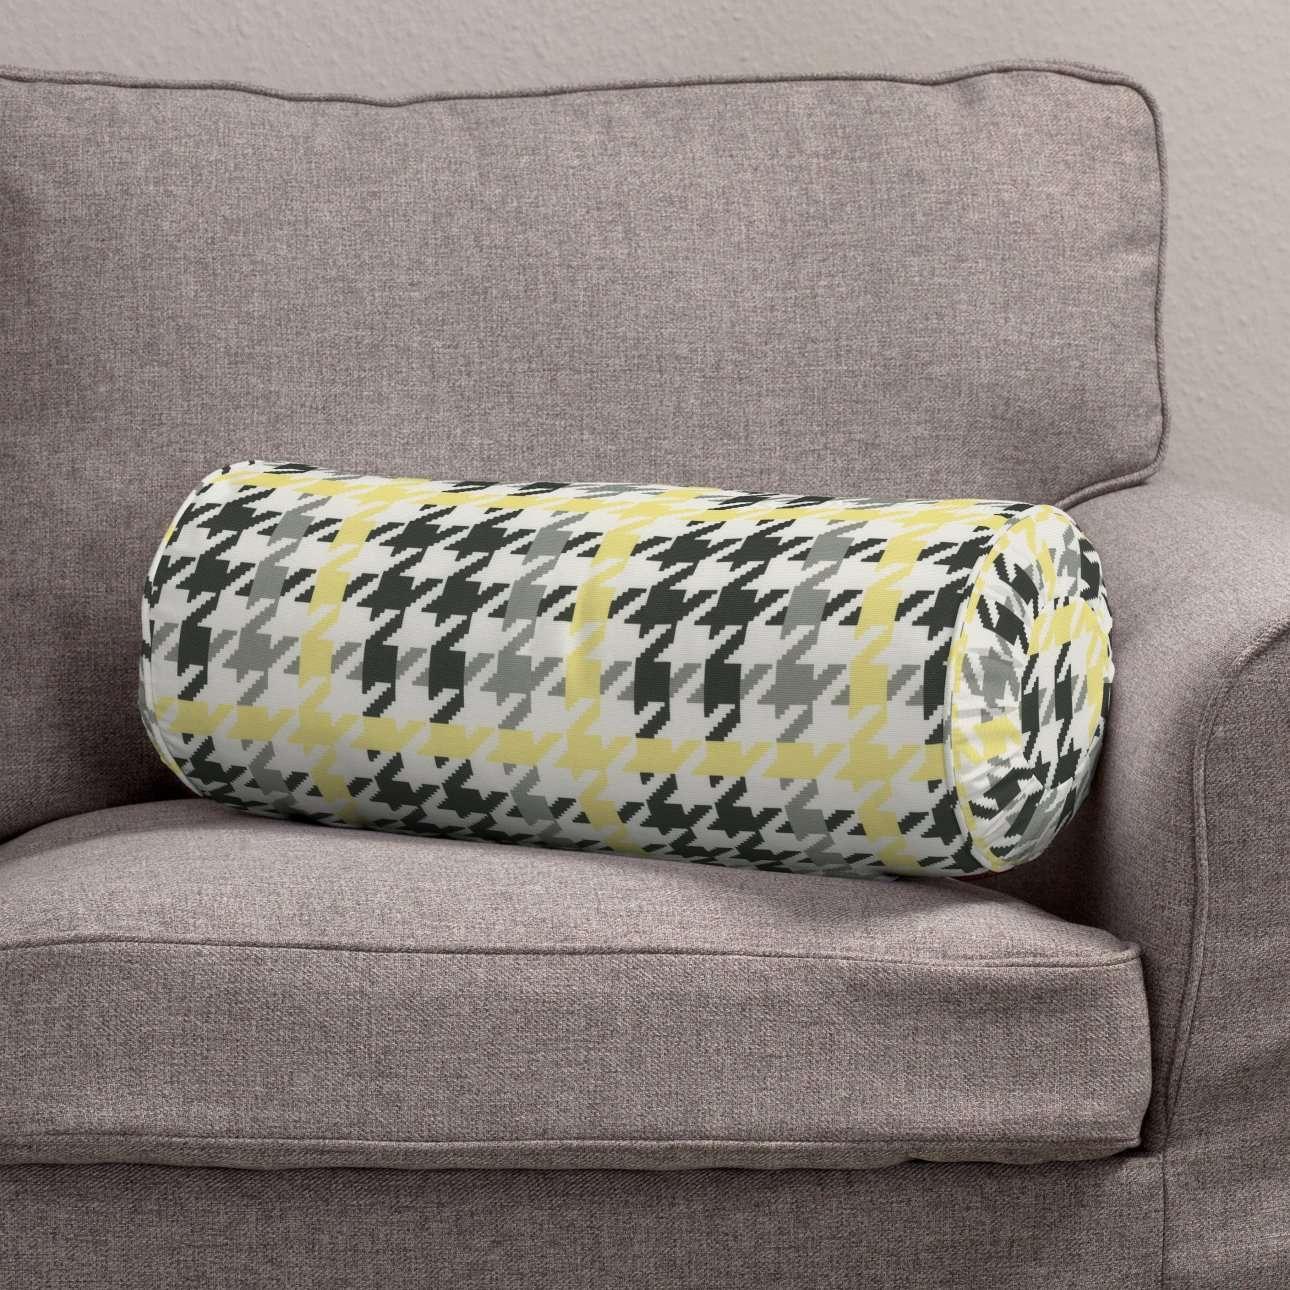 Poduszka wałek z zakładkami Ø 20 x 50 cm w kolekcji Brooklyn, tkanina: 137-79